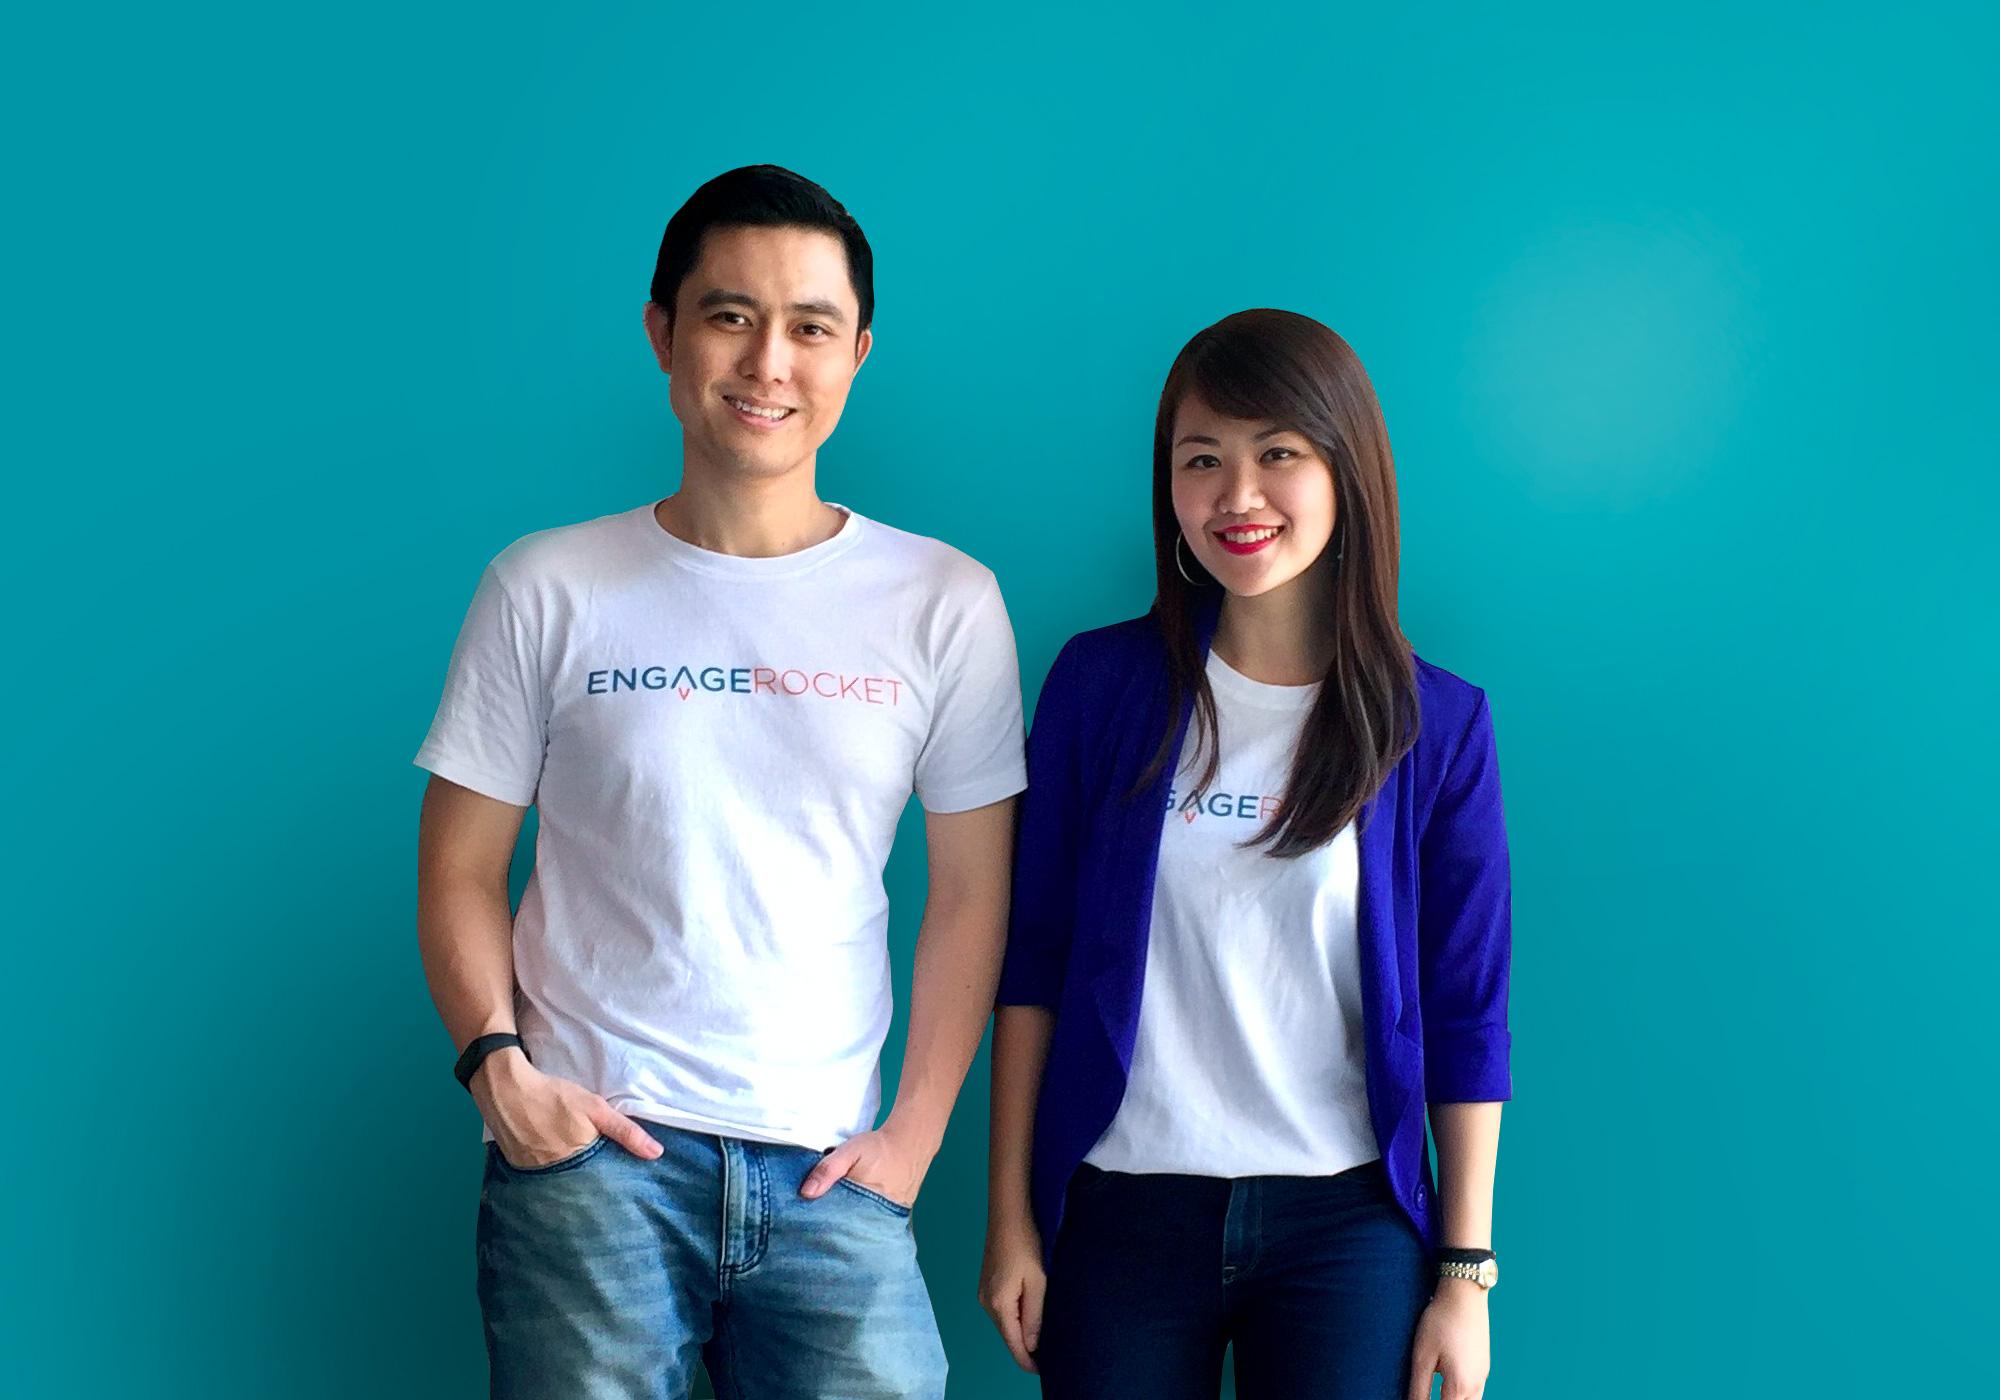 engagerocket-cofounders-1